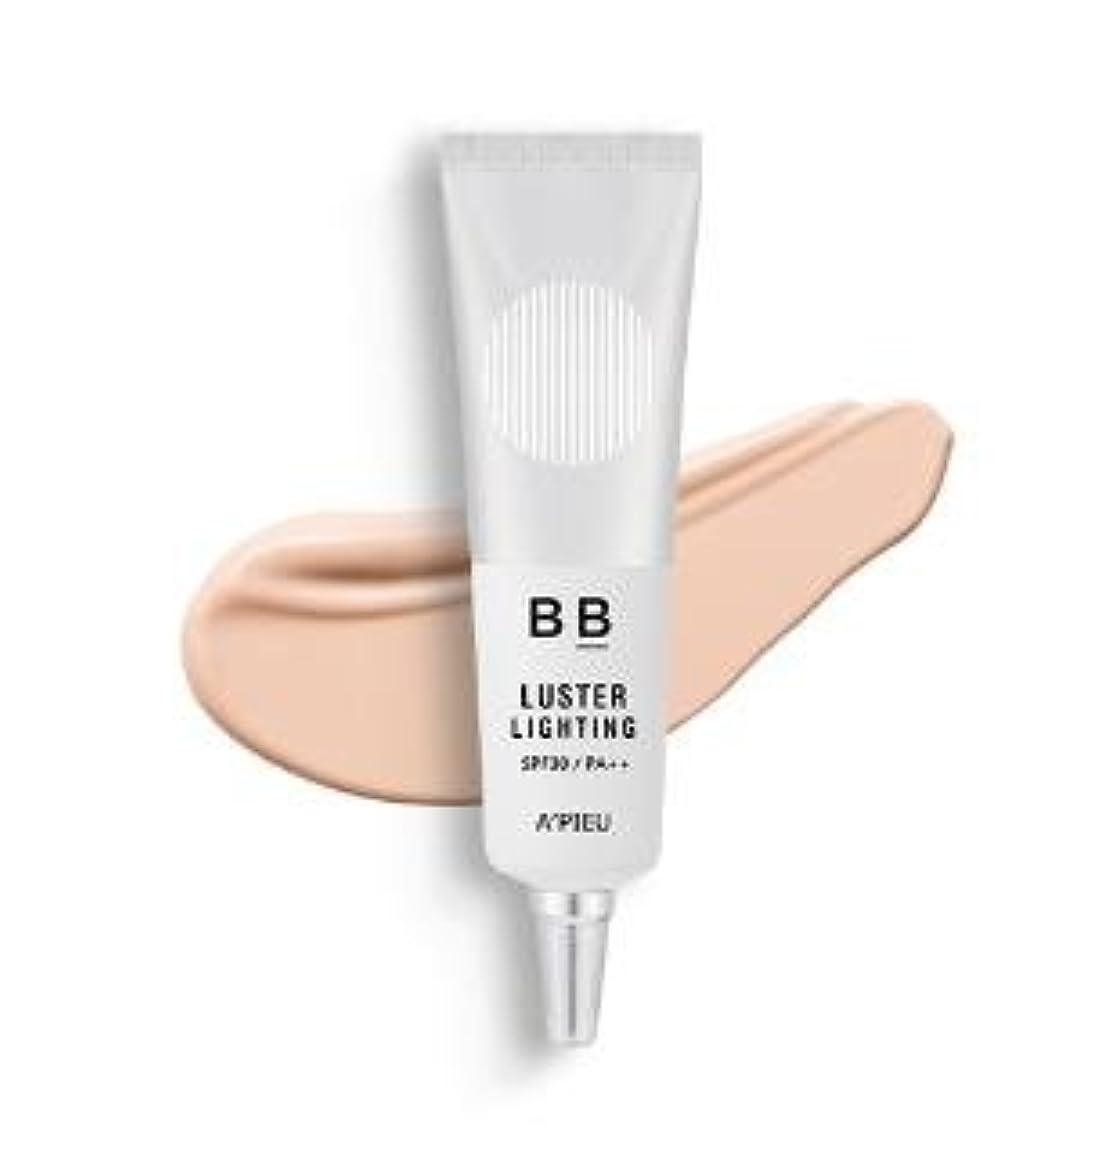 蚊騒々しい絶壁APIEU Luster Lighting BB Cream No. 21 アピュ 潤光 BB クリーム20g [並行輸入品]